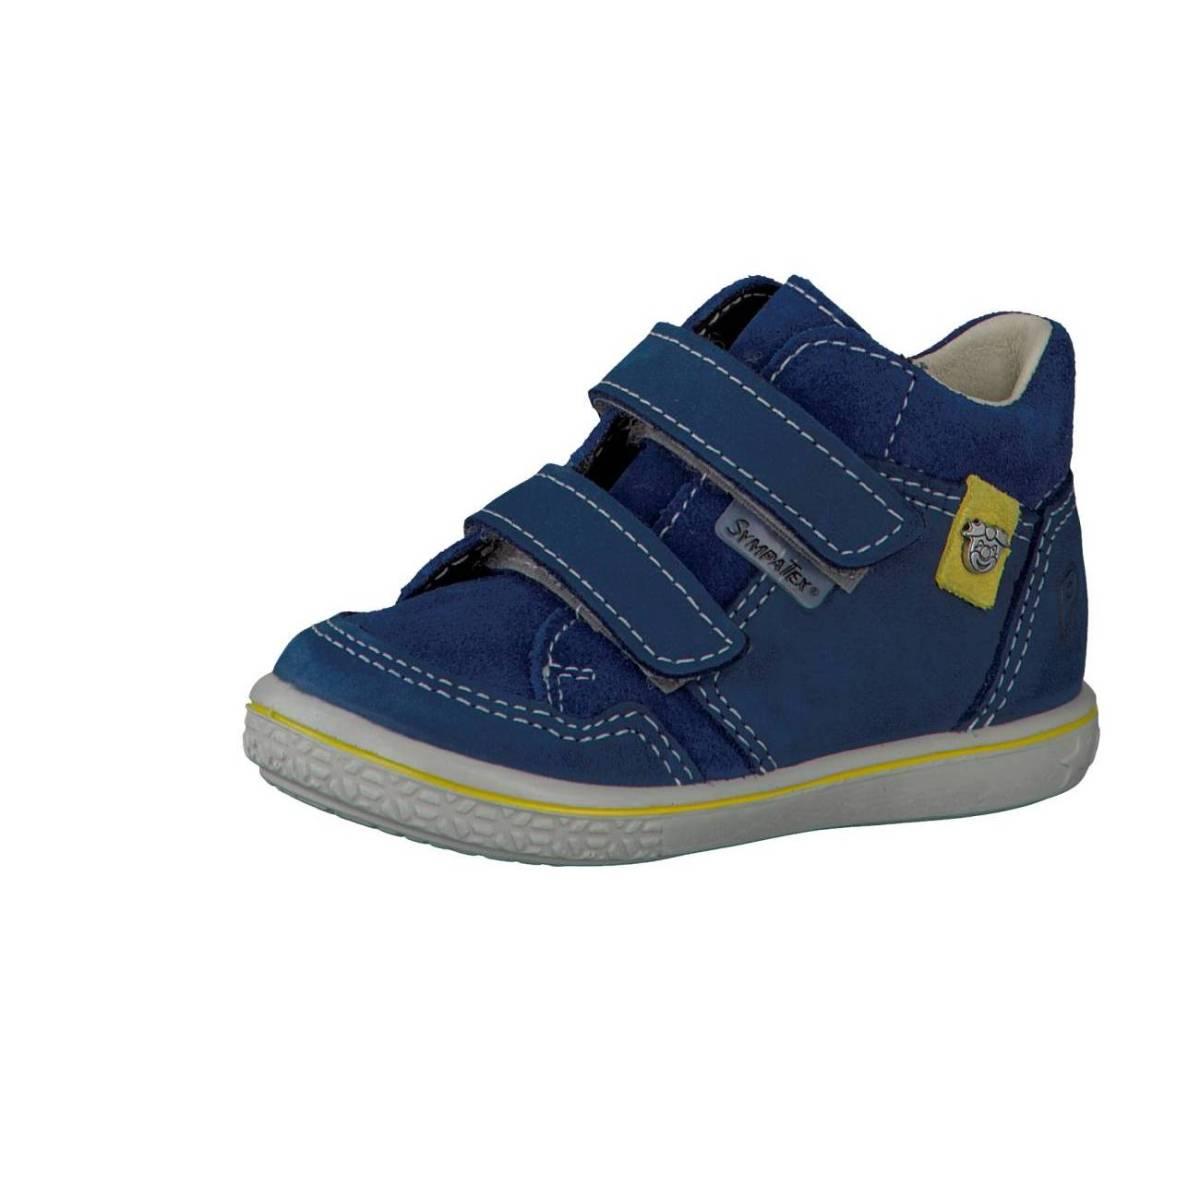 Ricosta Pepino Juri blau tinte Lauflernschuhe Stiefelchen Boots Jungen Mädchen